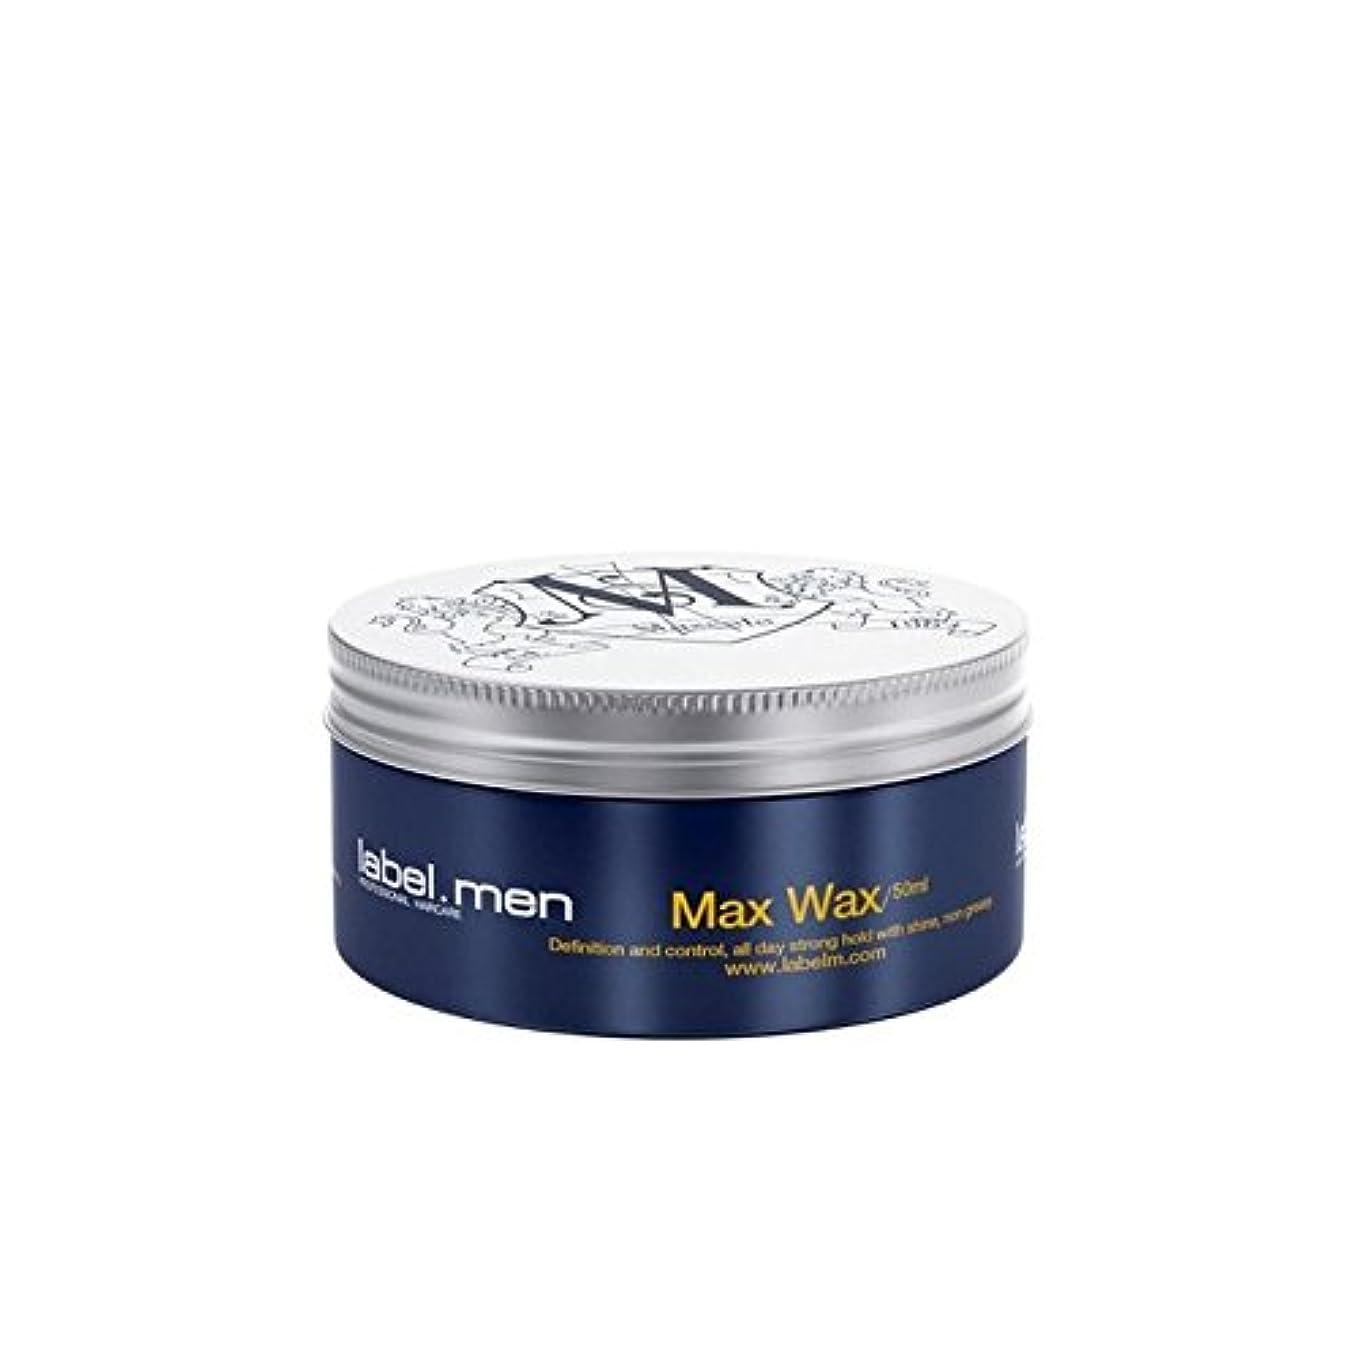 真珠のようなどこでも硬化する.マックスワックス(50ミリリットル) x4 - Label.Men Max Wax (50ml) (Pack of 4) [並行輸入品]